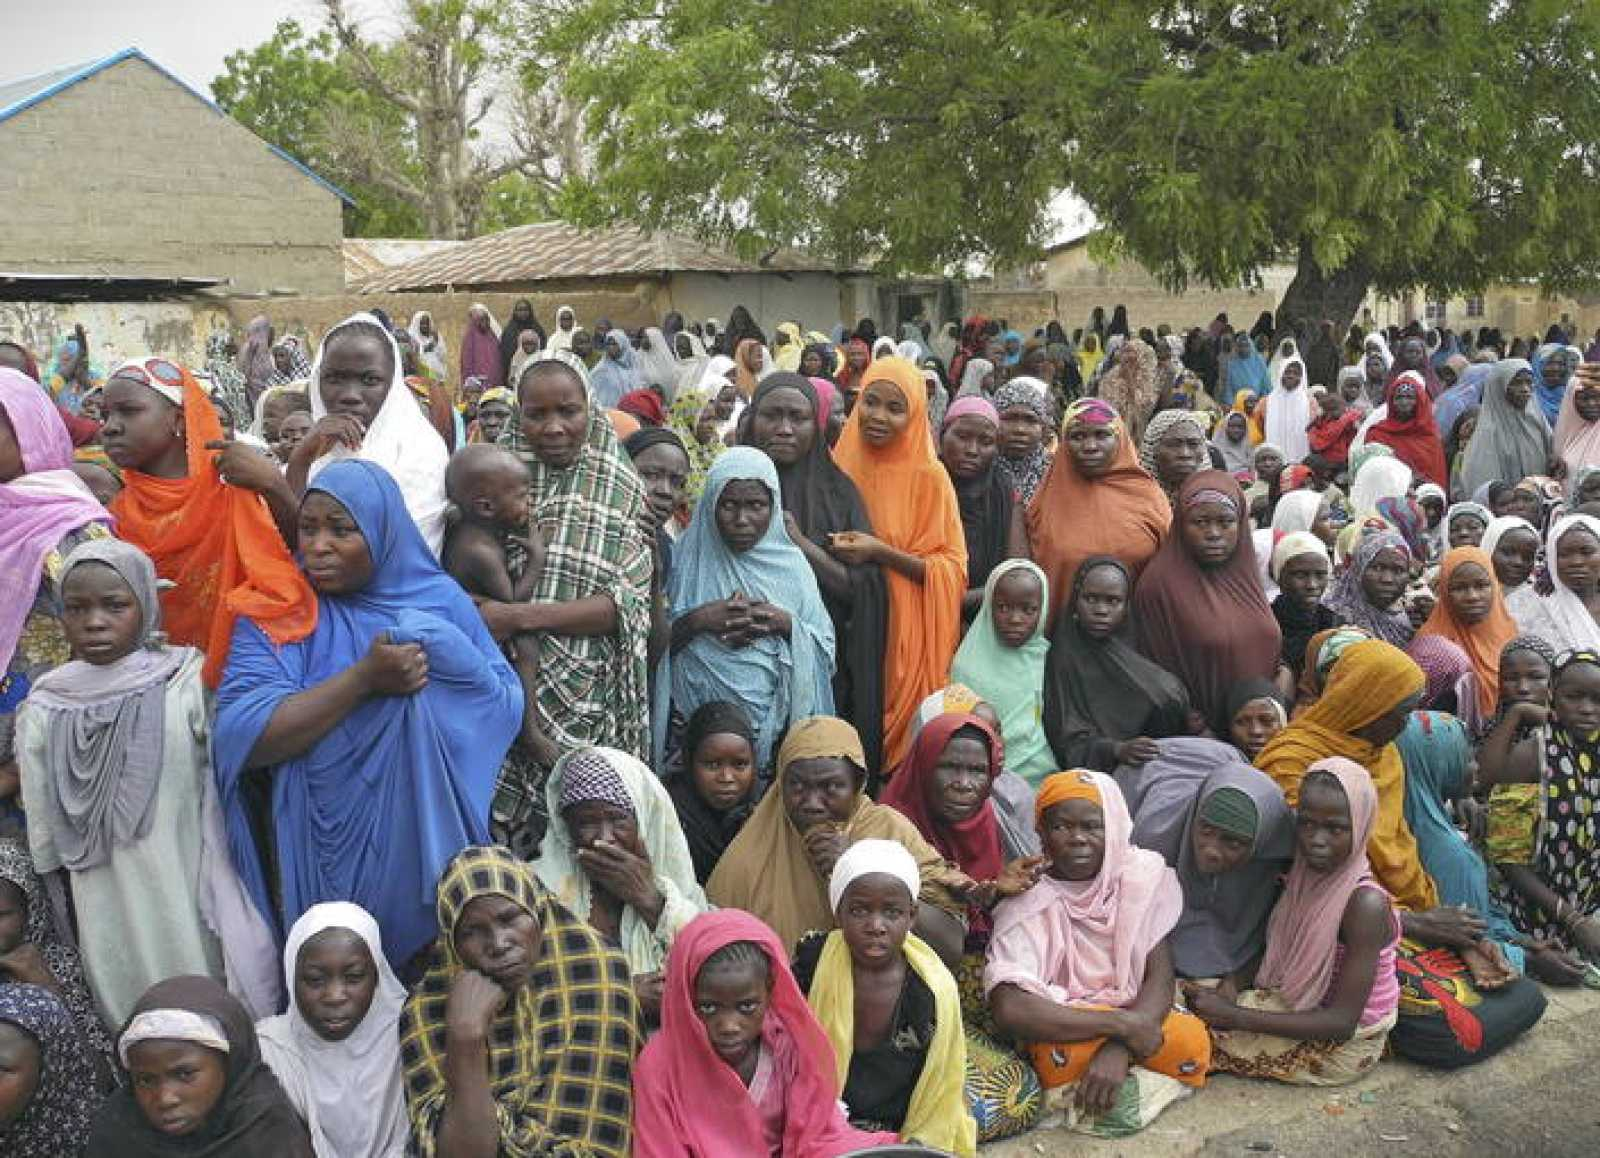 Retornados nigerianos que han regresado a la localidad de Gwazo tras la expulsión de los militantes de Boko Haram